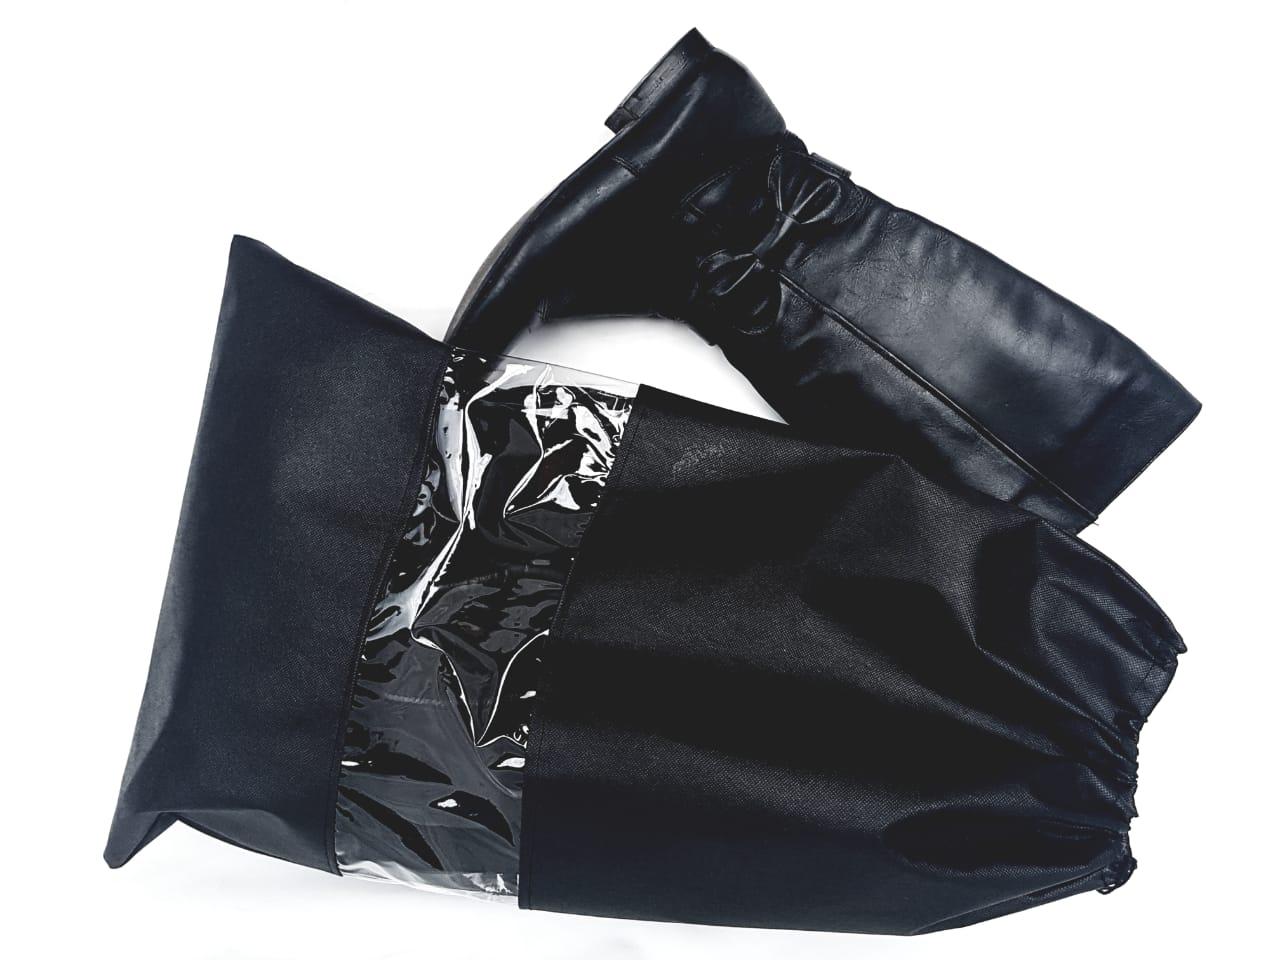 2 Sacos Organizadores para Botas de cano alto com visor transparente em TNT na cor preta